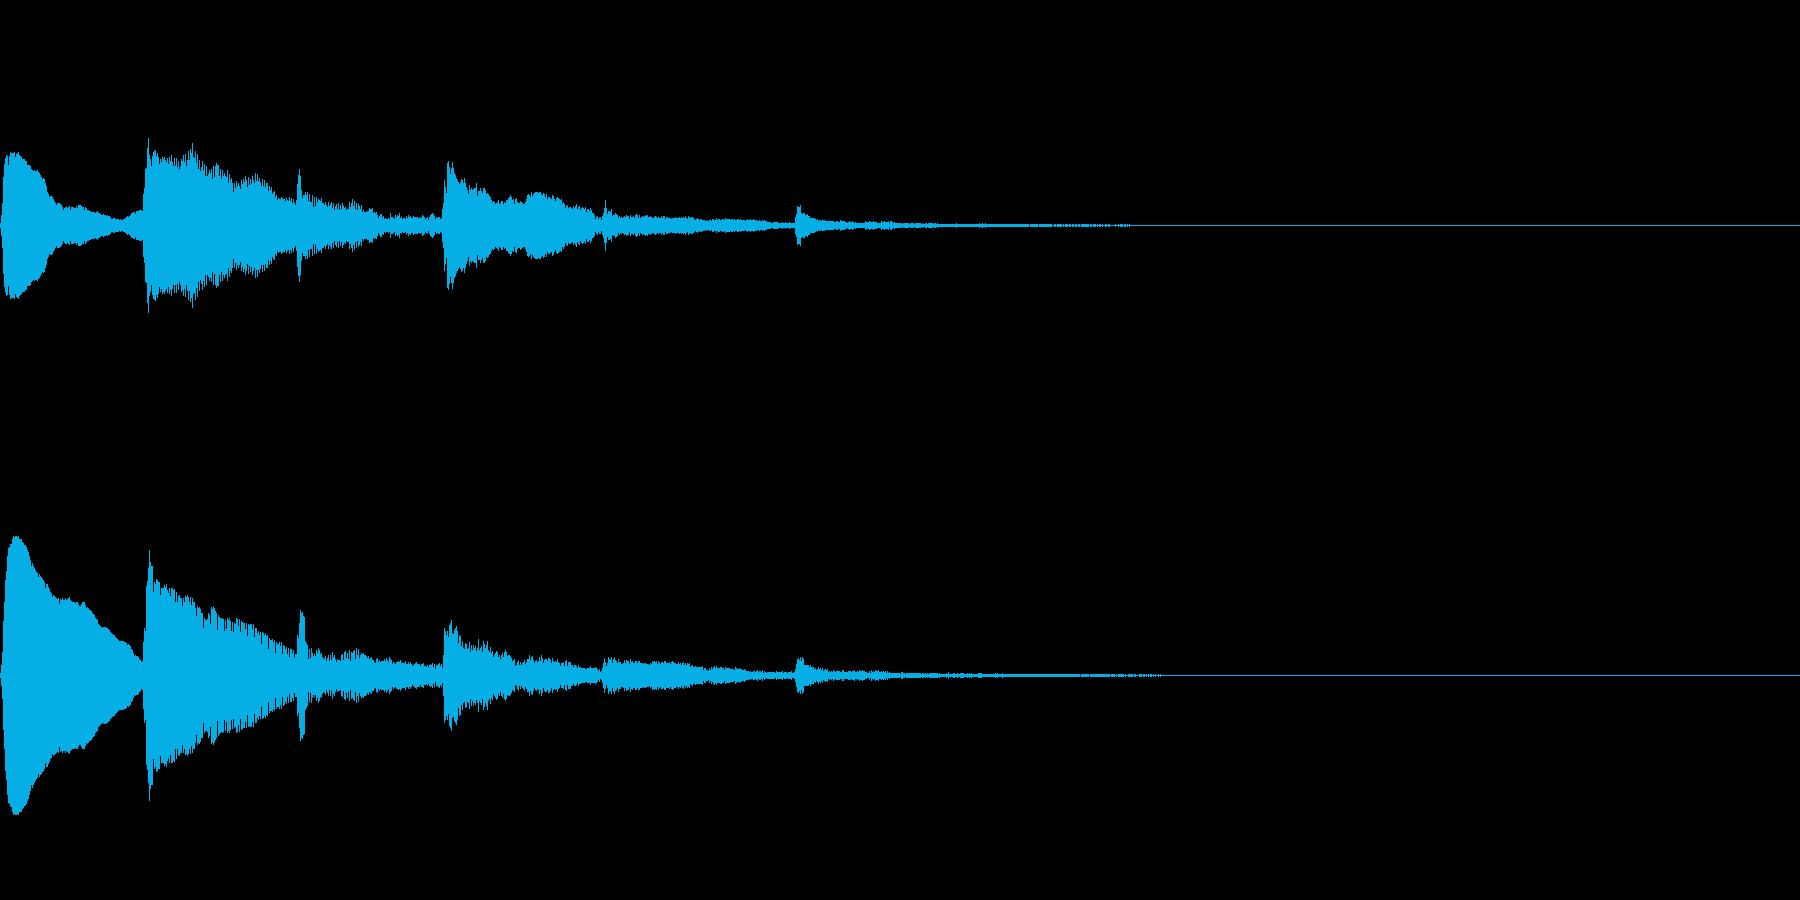 ハープの分散和音によるサウンドロゴの再生済みの波形